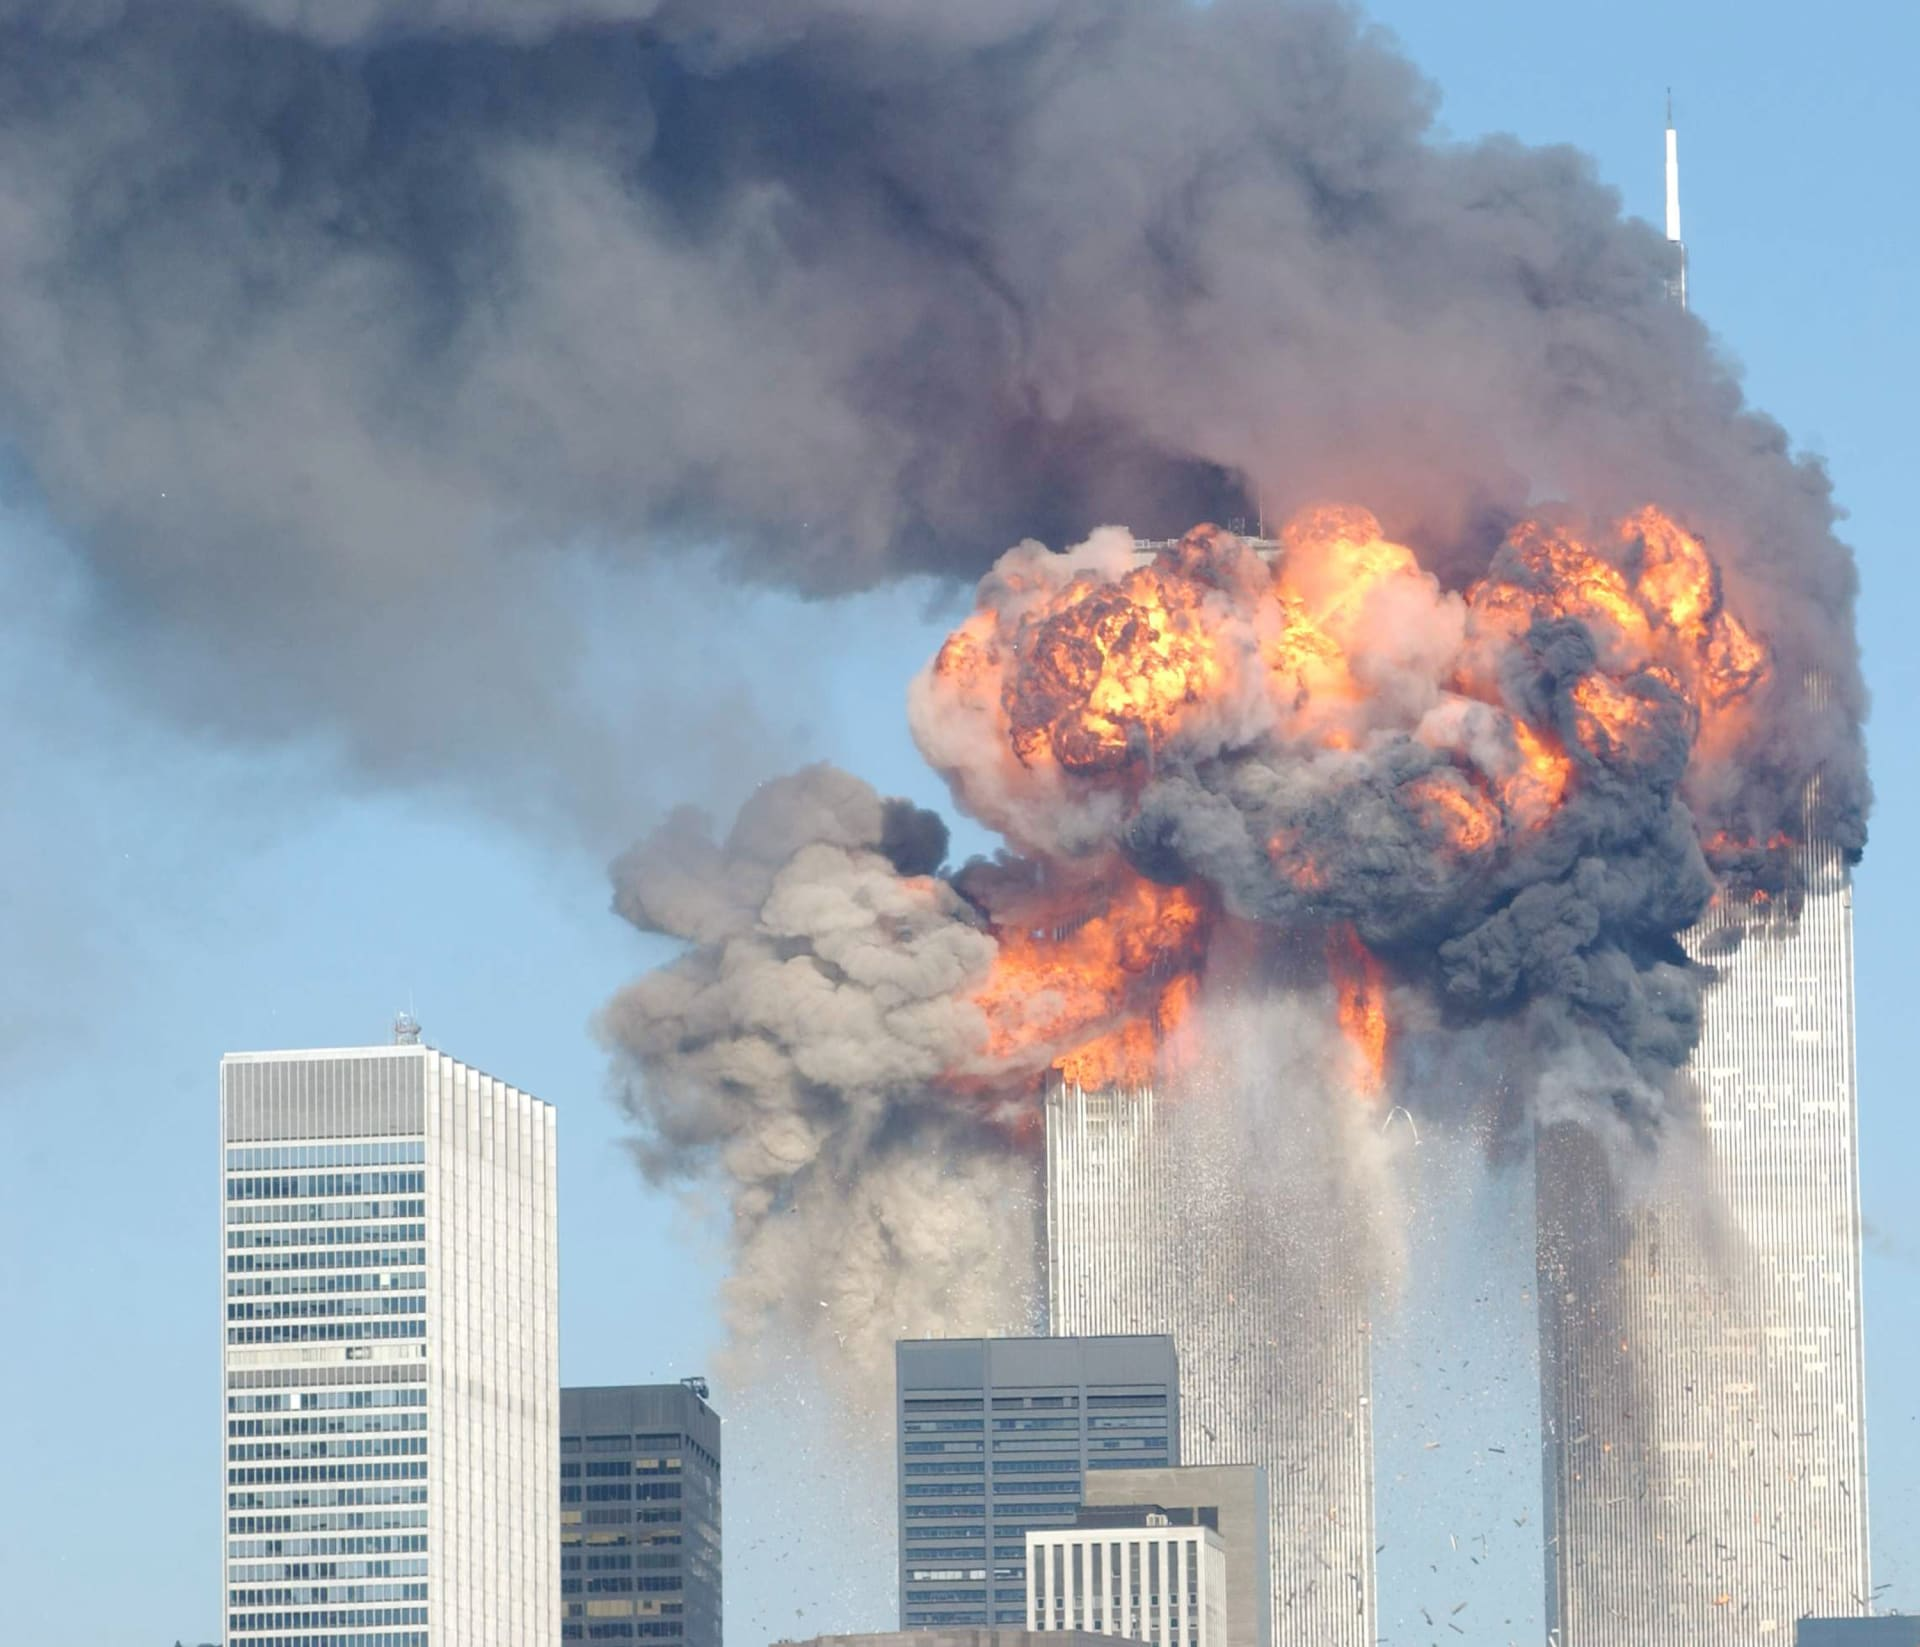 استطلاع يكشف قلق وخوف الشعب الأمريكي من تنفيذ هجمات إرهابية جديدة في أمريكا بذكرى أحداث 11 سبتمبر